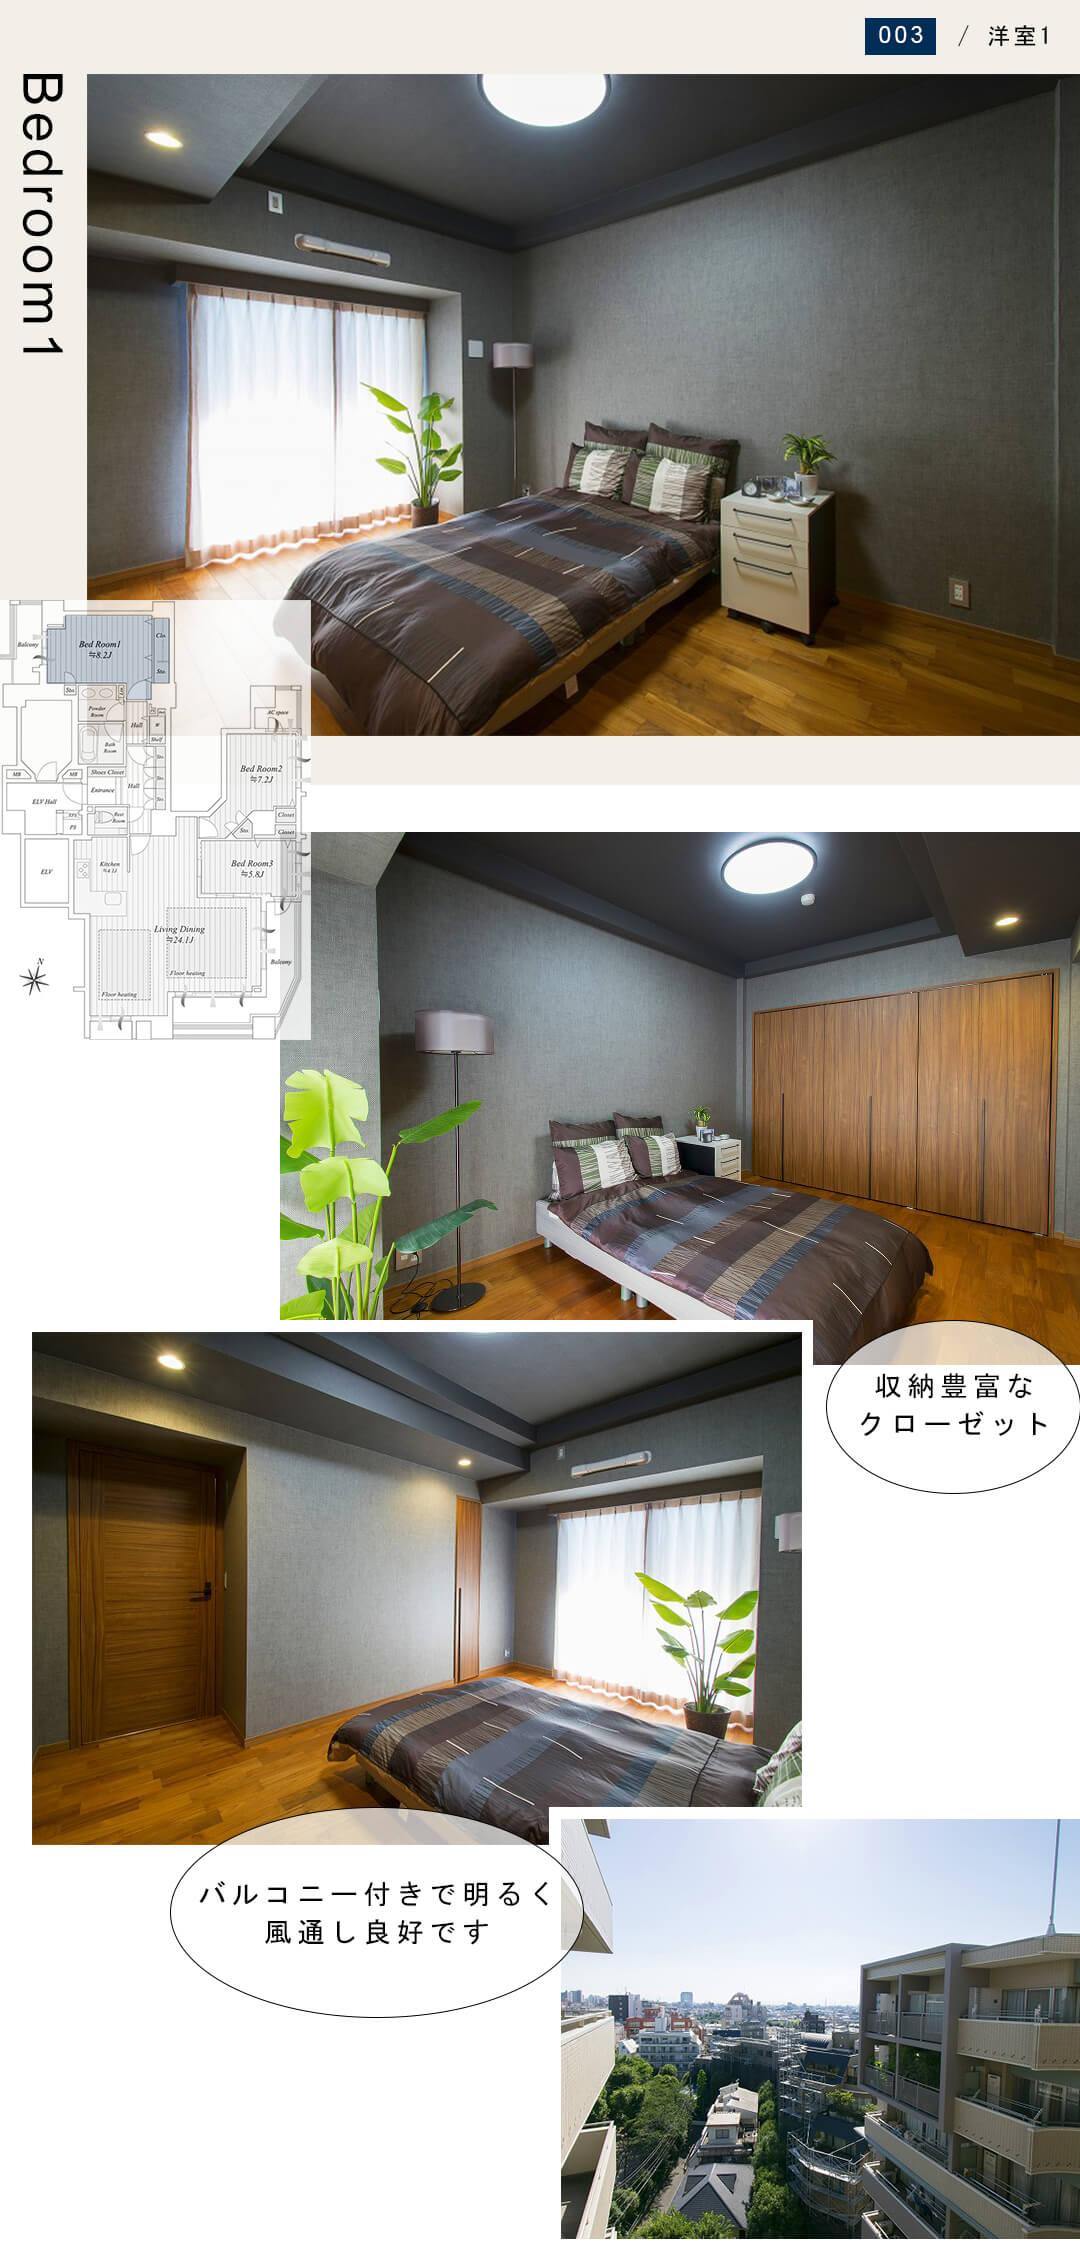 幡ヶ谷ハイムグランシスの洋室